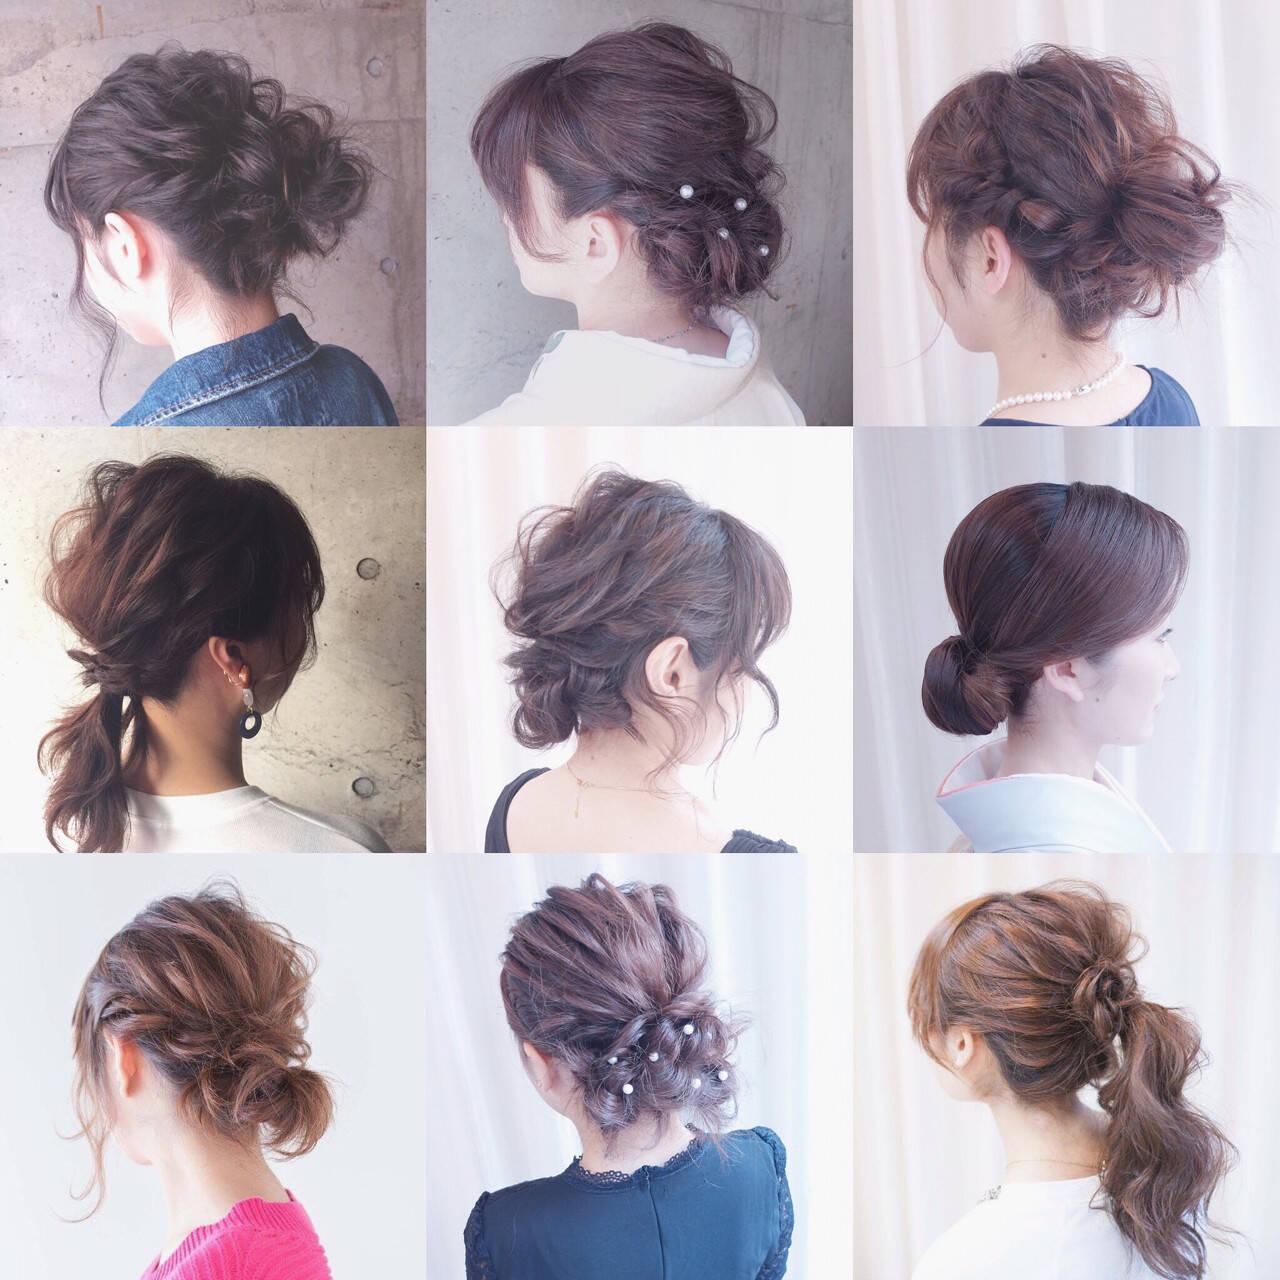 ショート 編み込み ミディアム 簡単ヘアアレンジヘアスタイルや髪型の写真・画像